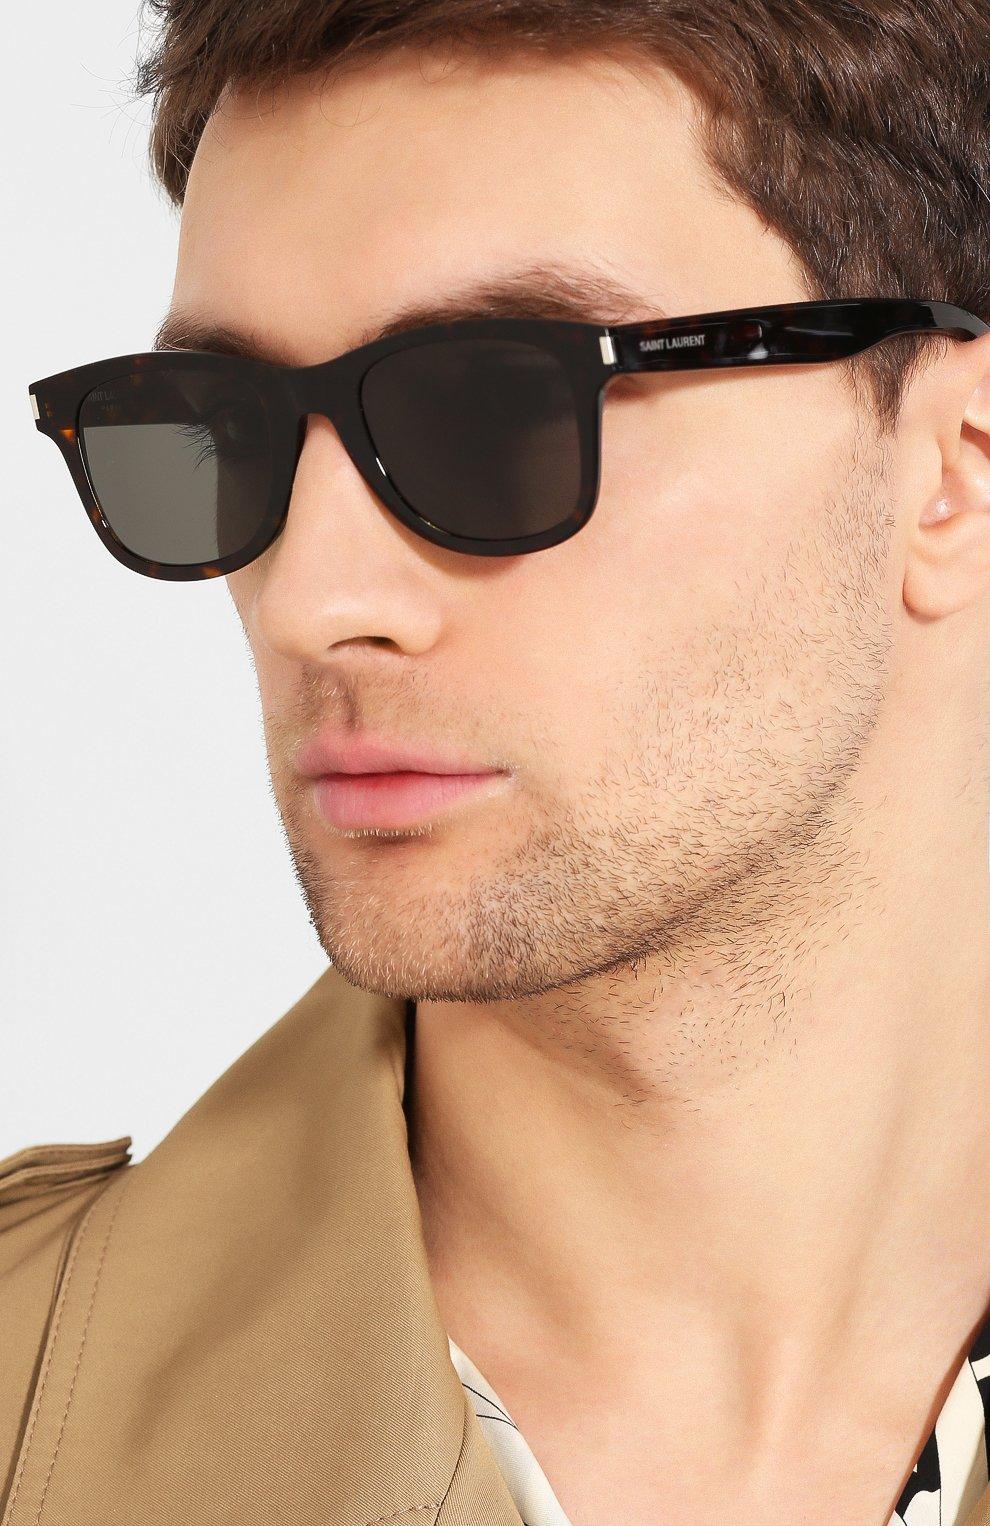 Женские солнцезащитные очки SAINT LAURENT коричневого цвета, арт. SL 51-B SLIM 003 | Фото 5